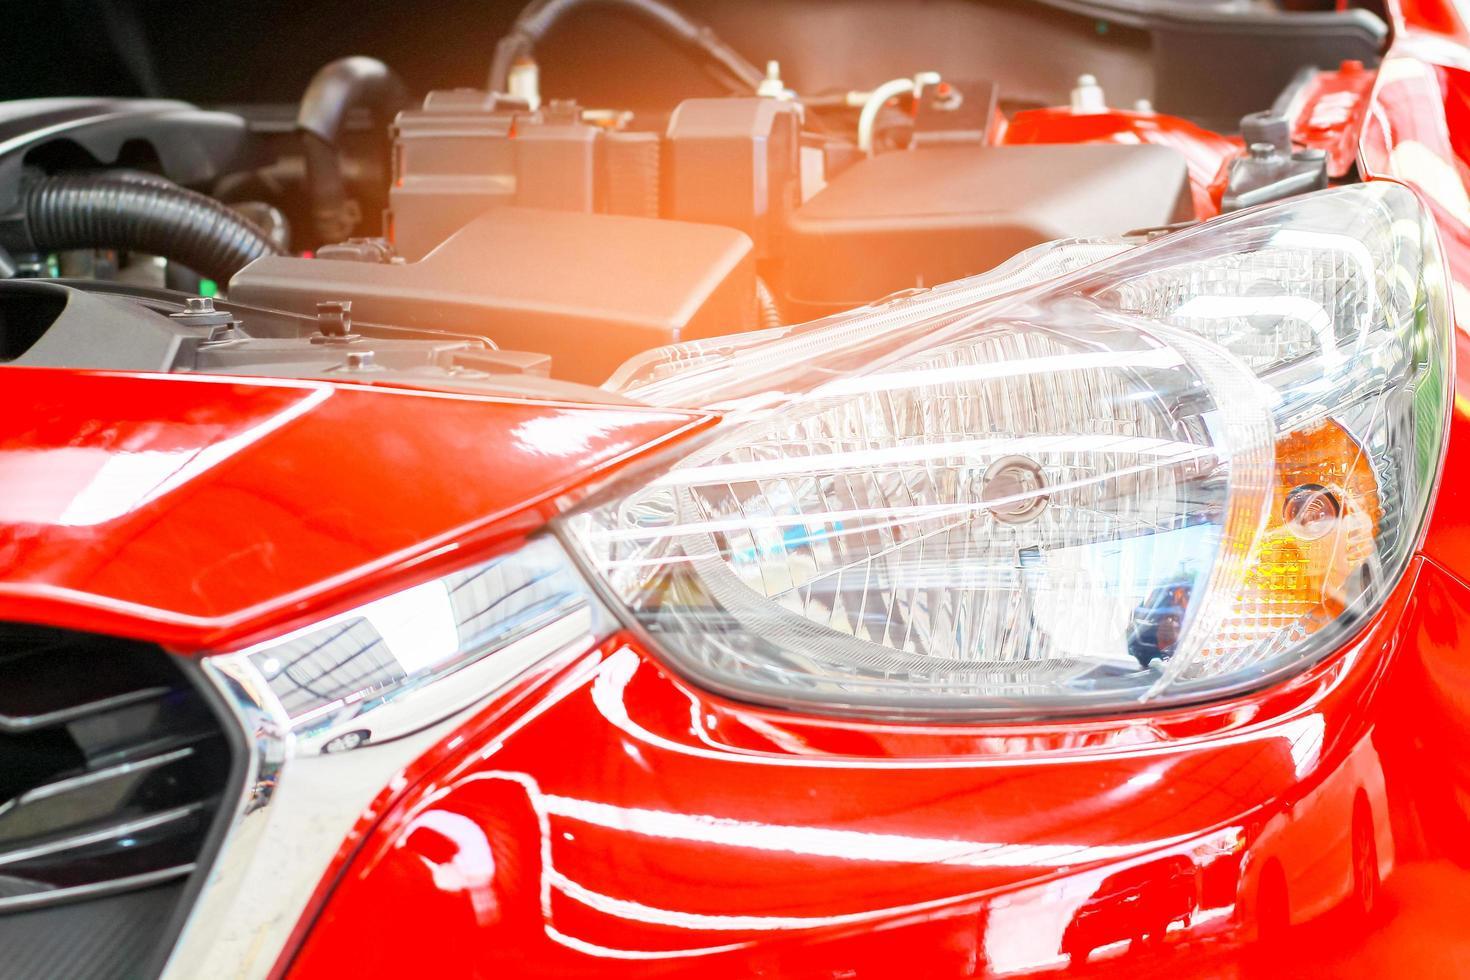 motor de un coche nuevo modelo foto